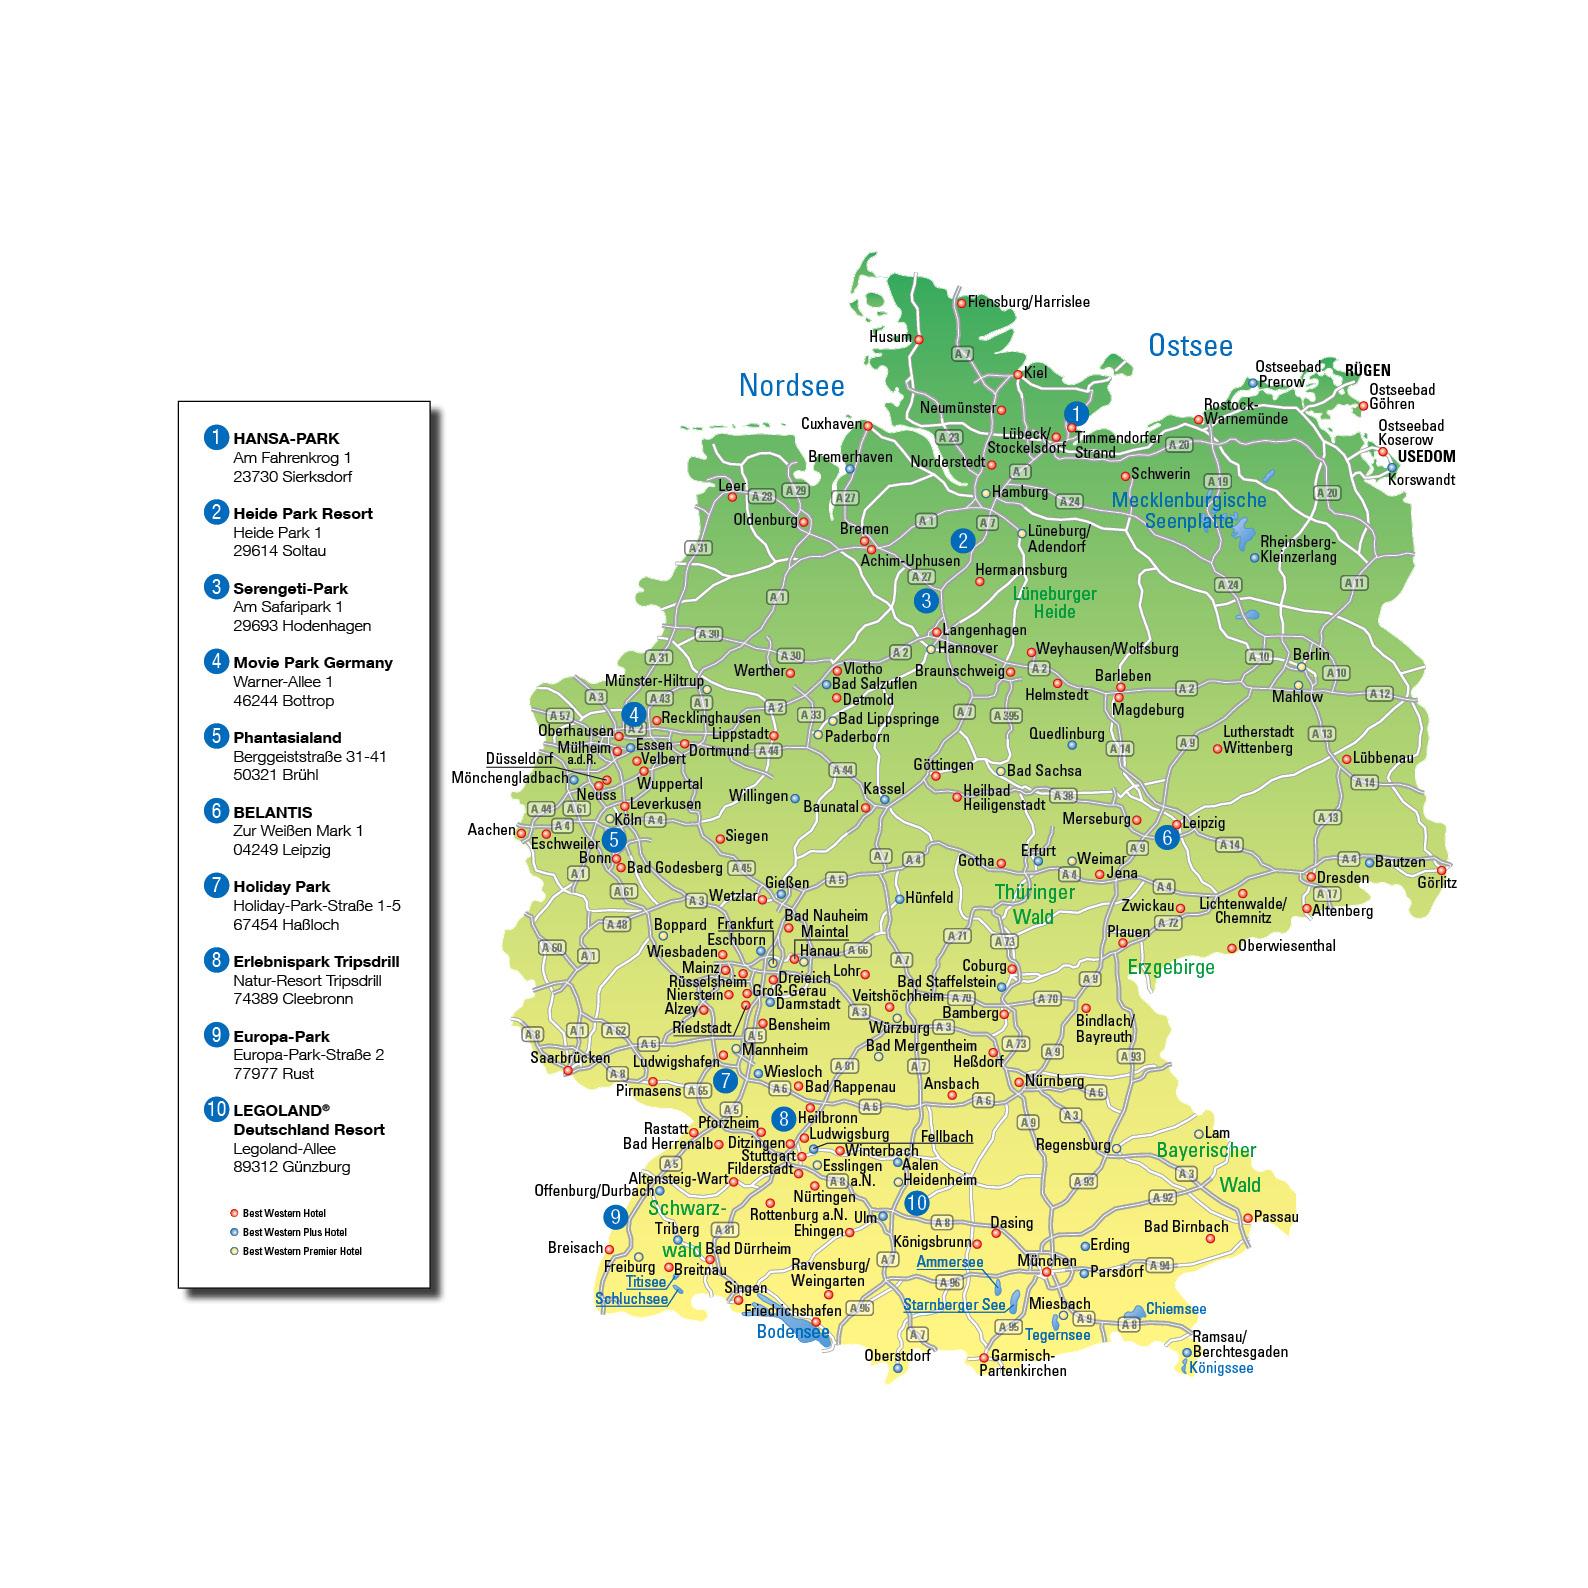 Top 10 Der Besten Freizeitparks In Deutschland - Mitreisend verwandt mit Die 10 Besten Freizeitparks Deutschland